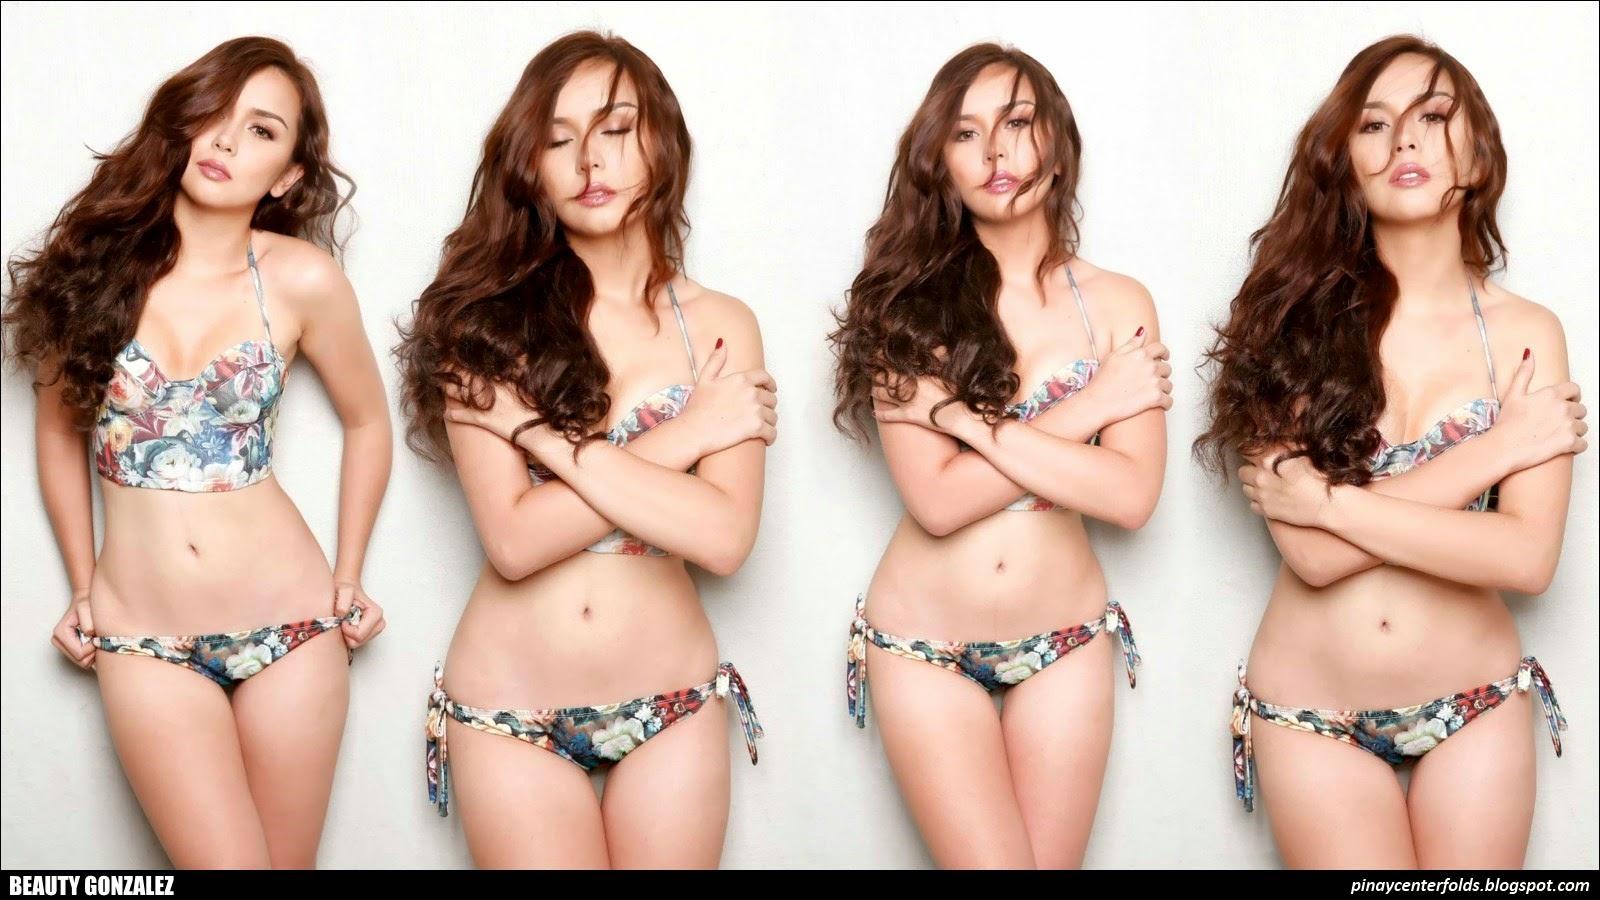 Beauty Gonzalez In FHM 1